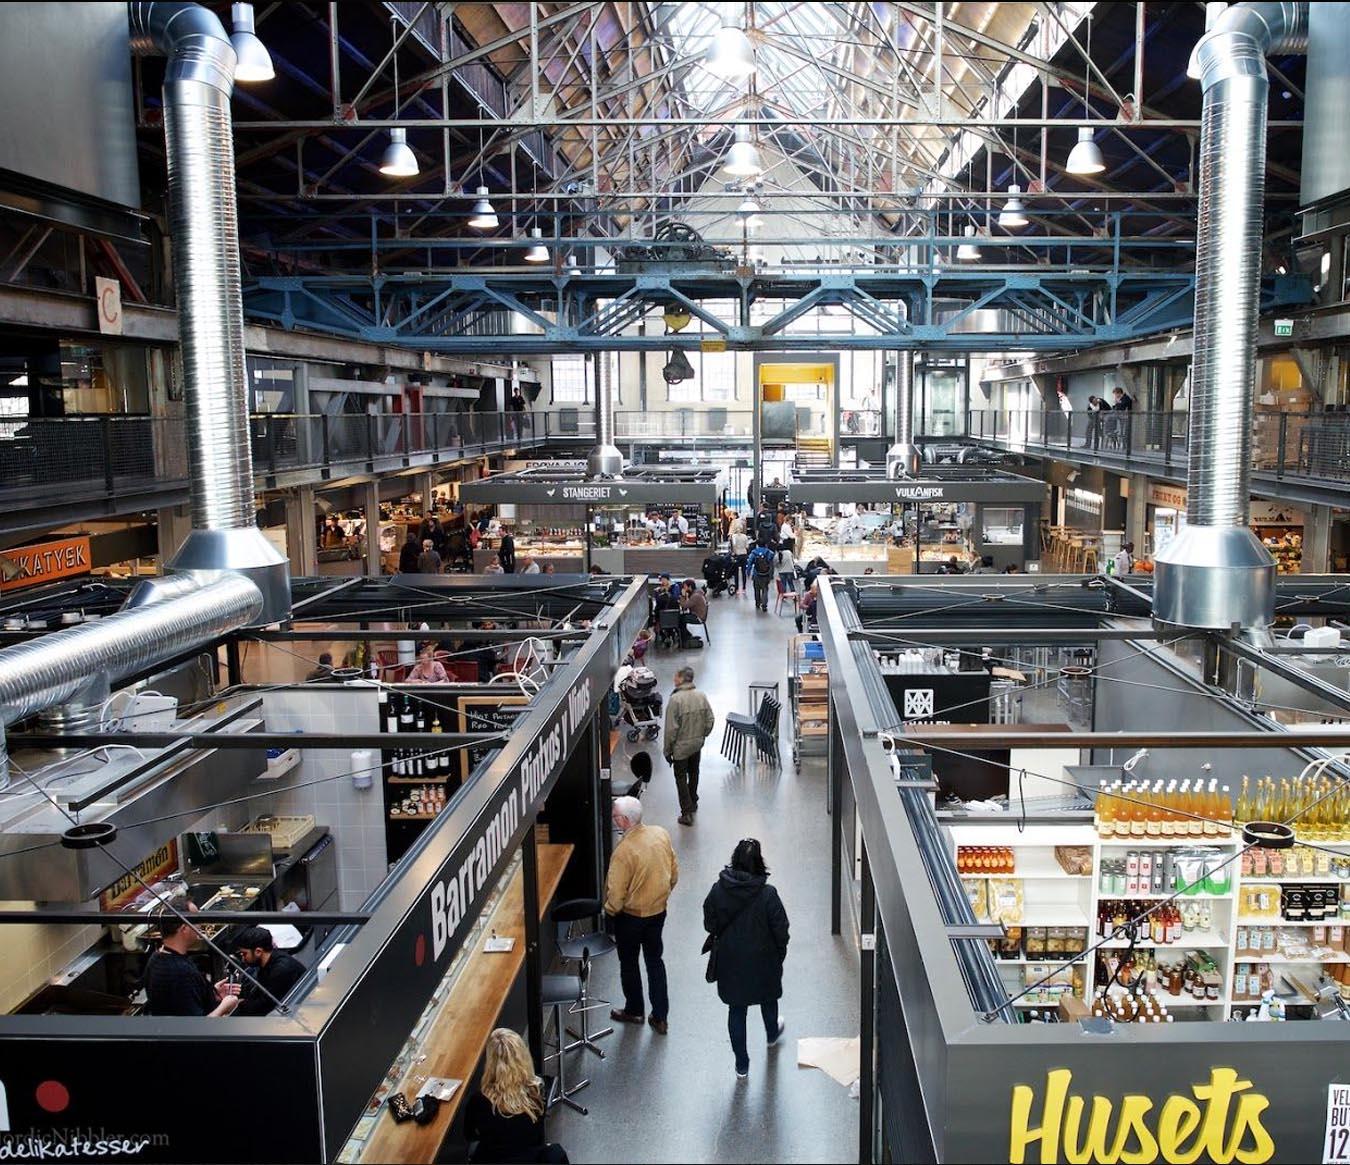 Morgan Street Food Hall - Raleigh